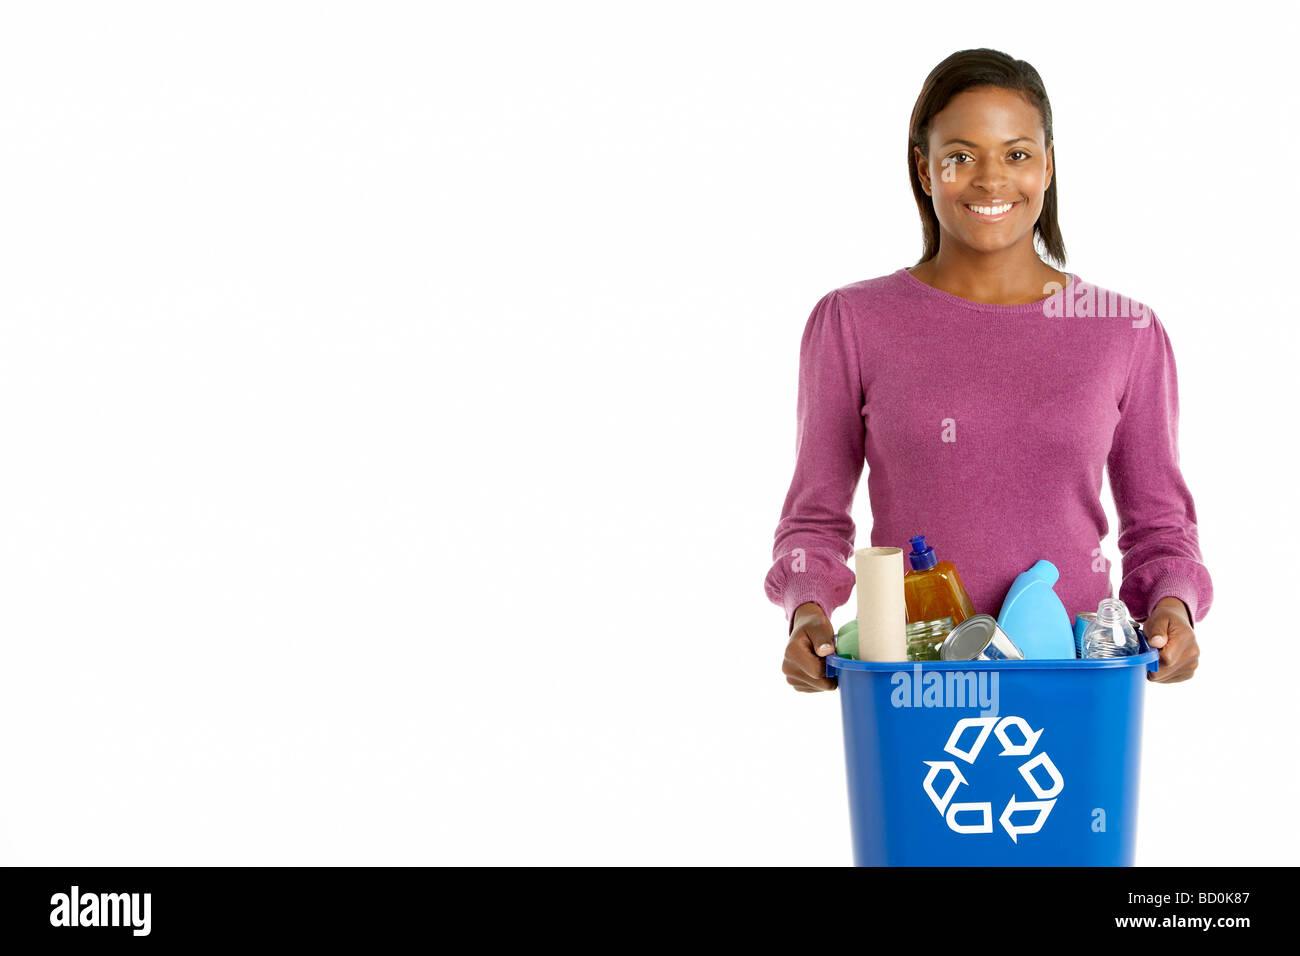 Woman Carrying Recycling Bin - Stock Image